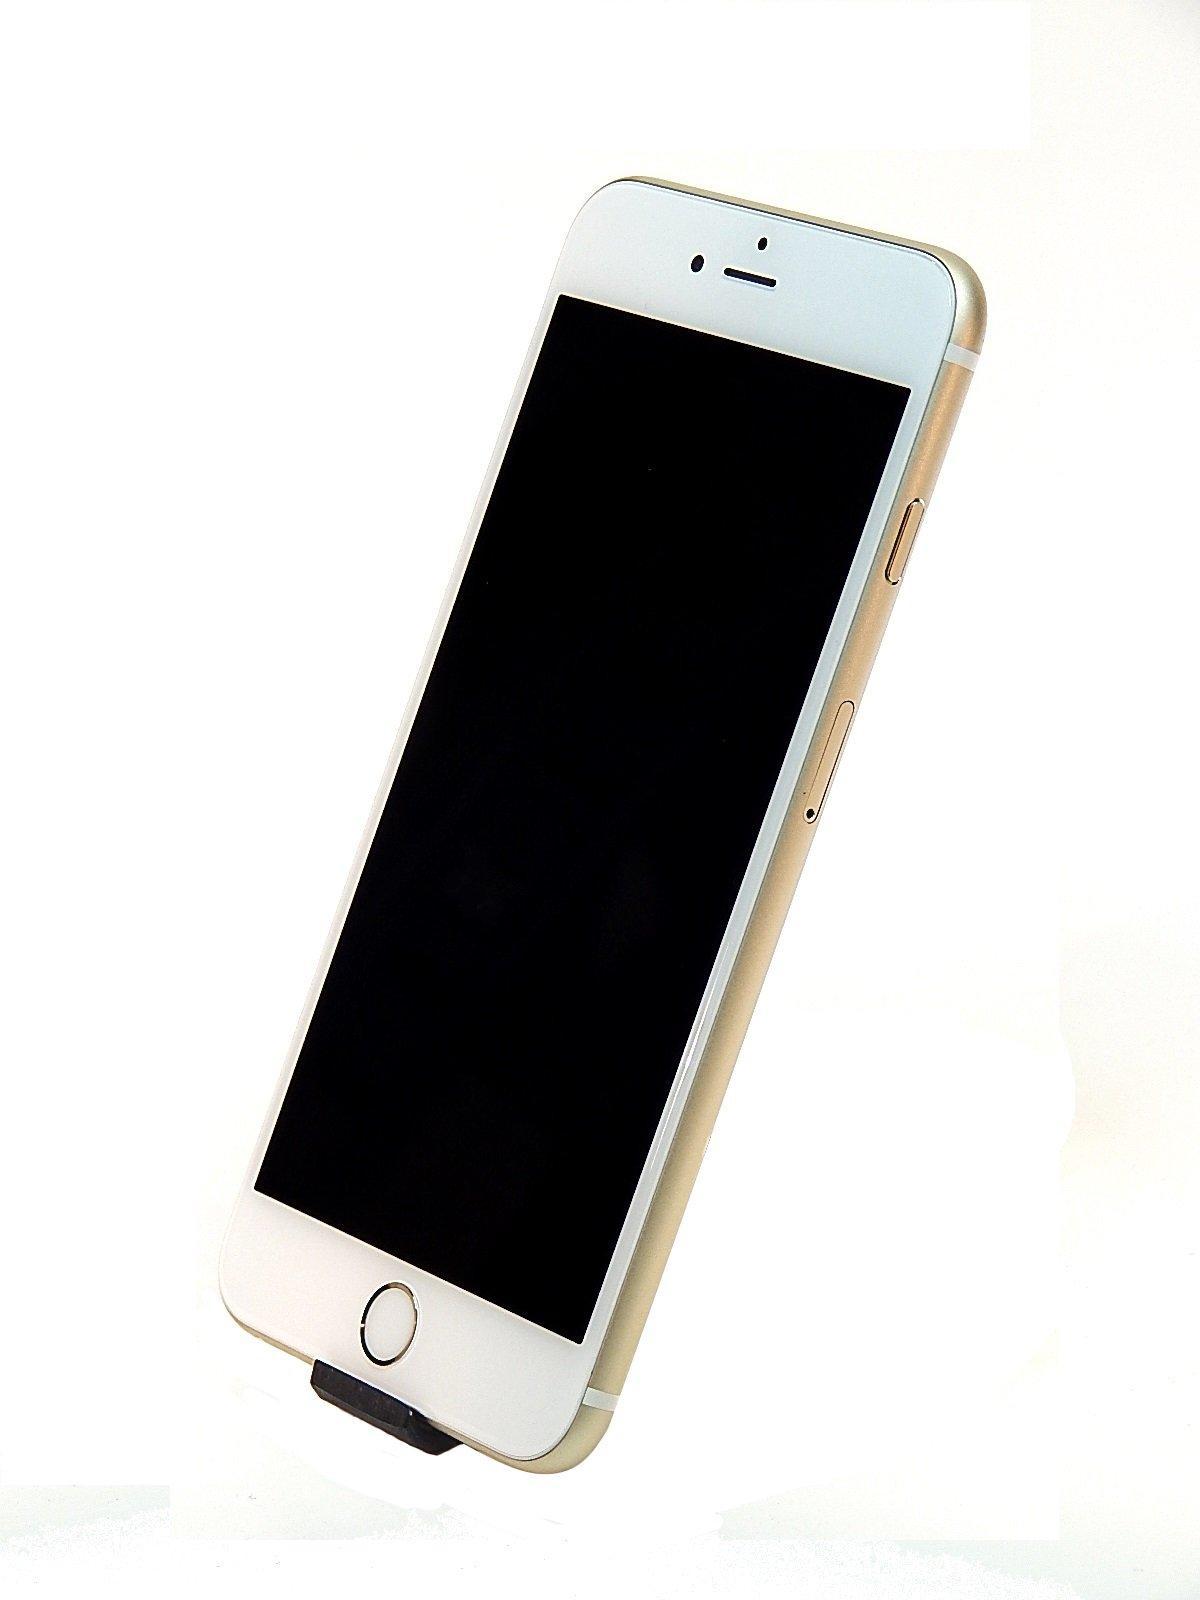 Iphone 6s Plus 128gb Att Gamestop Premium Refurbished